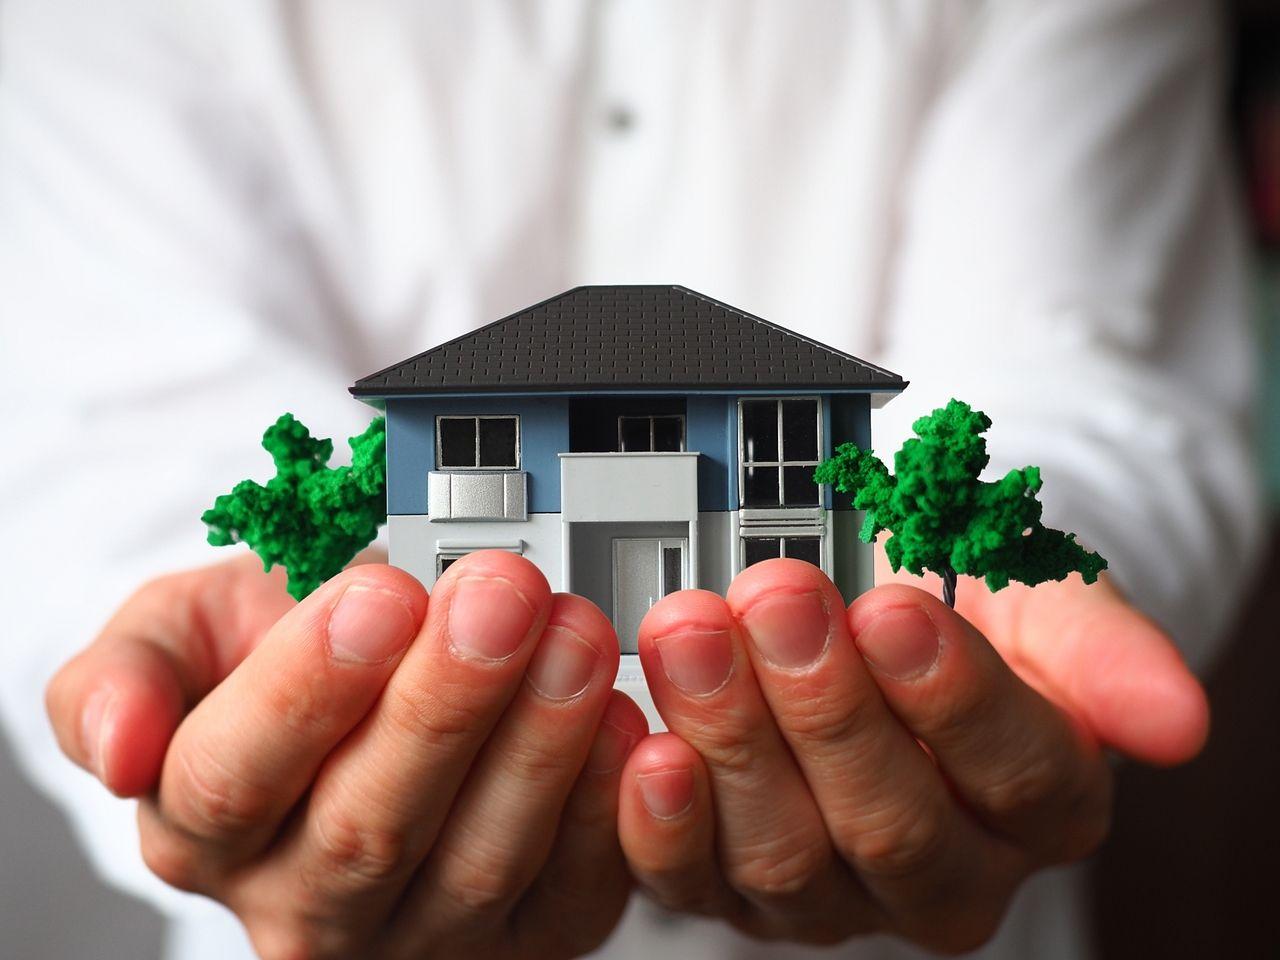 ホーセイ土地の賃貸仲介の取り扱い物件と詳細について